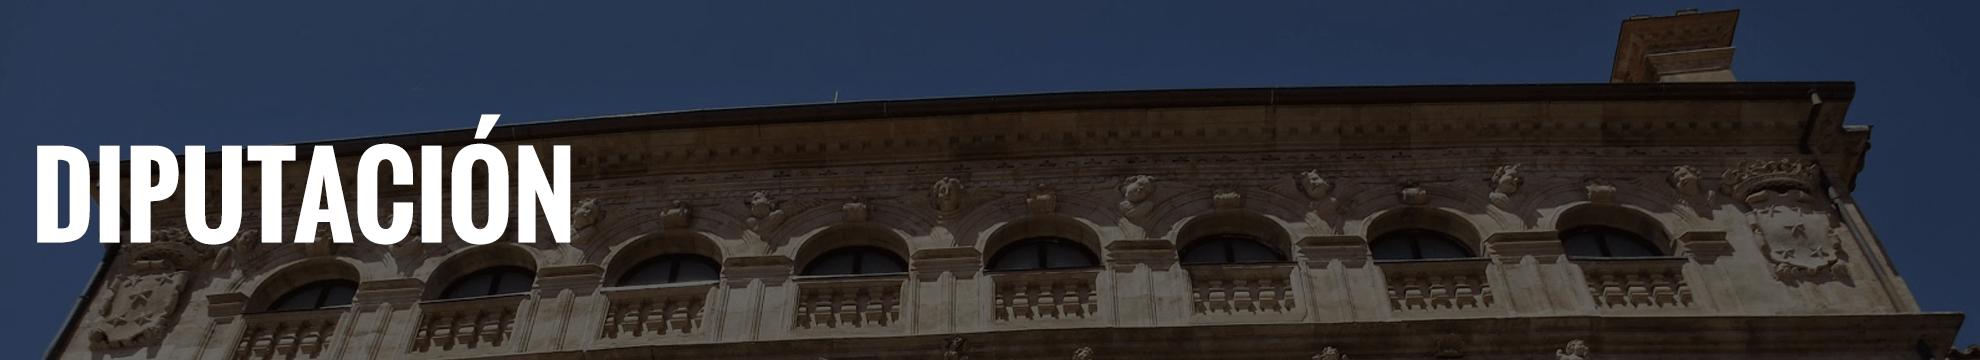 Cabecera Diputación de Salamanca